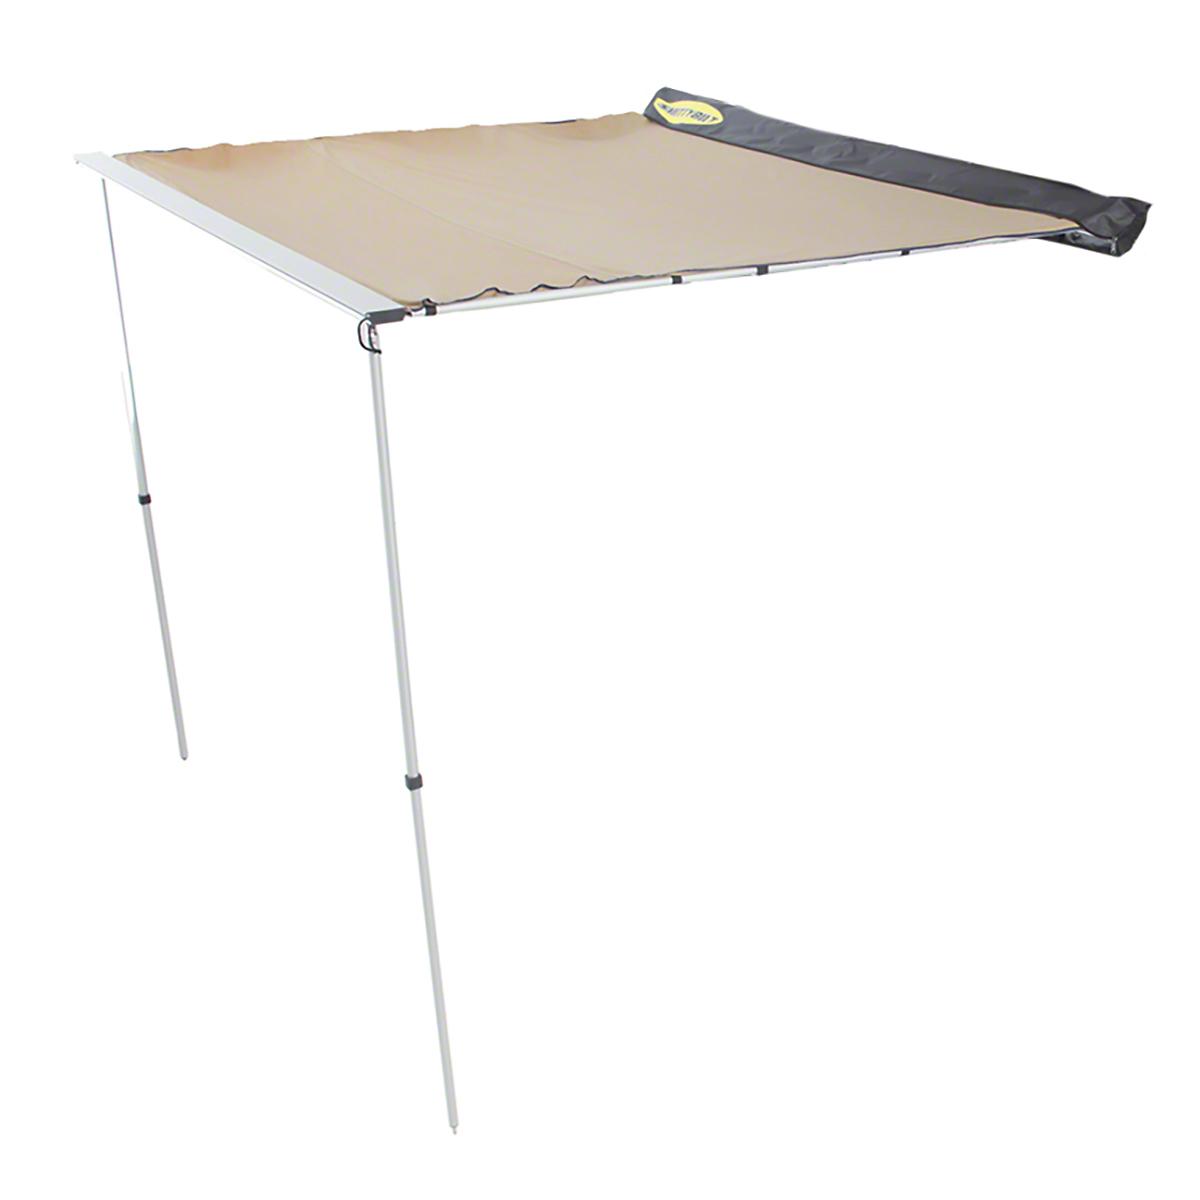 Smittybilt Overlander Tent Awning - 6.5 ft. X 6.5 ft.